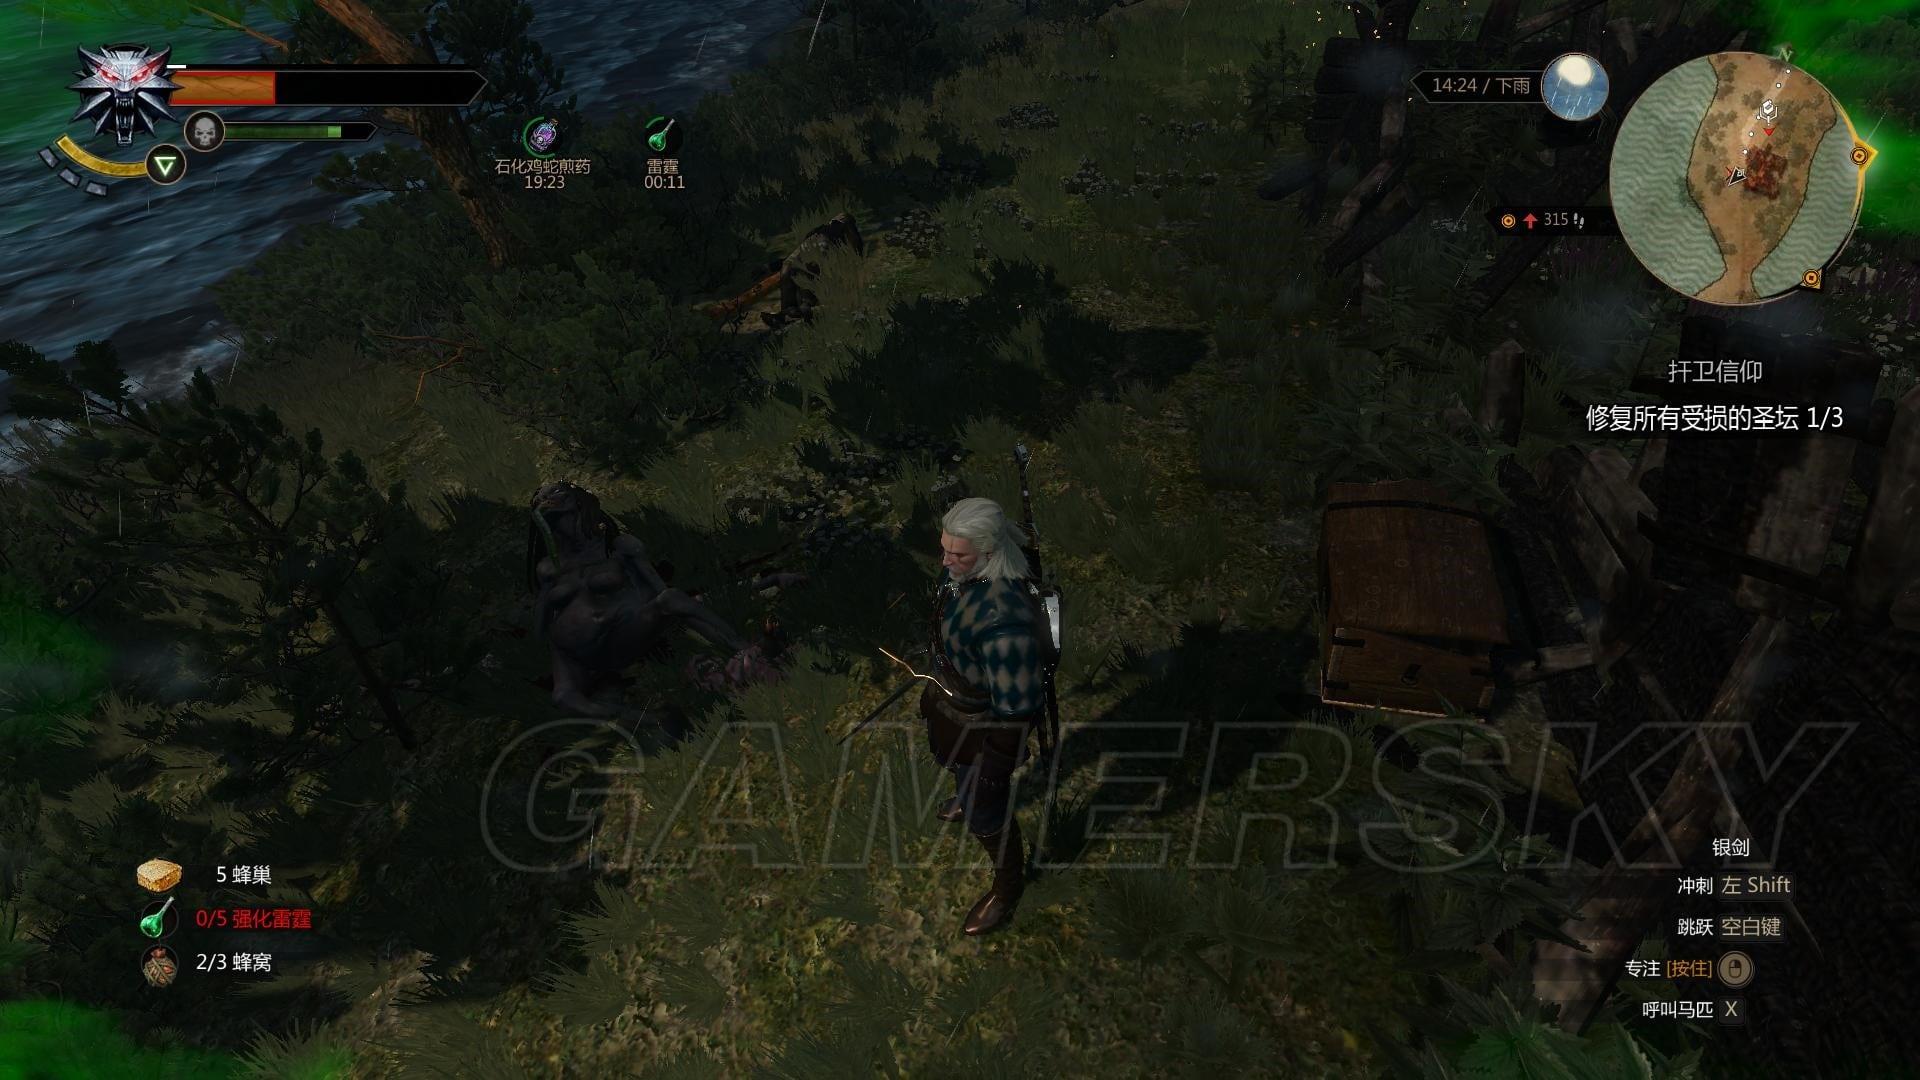 巫師3 墓穴女巫打法攻略 墓穴女巫怎麼打